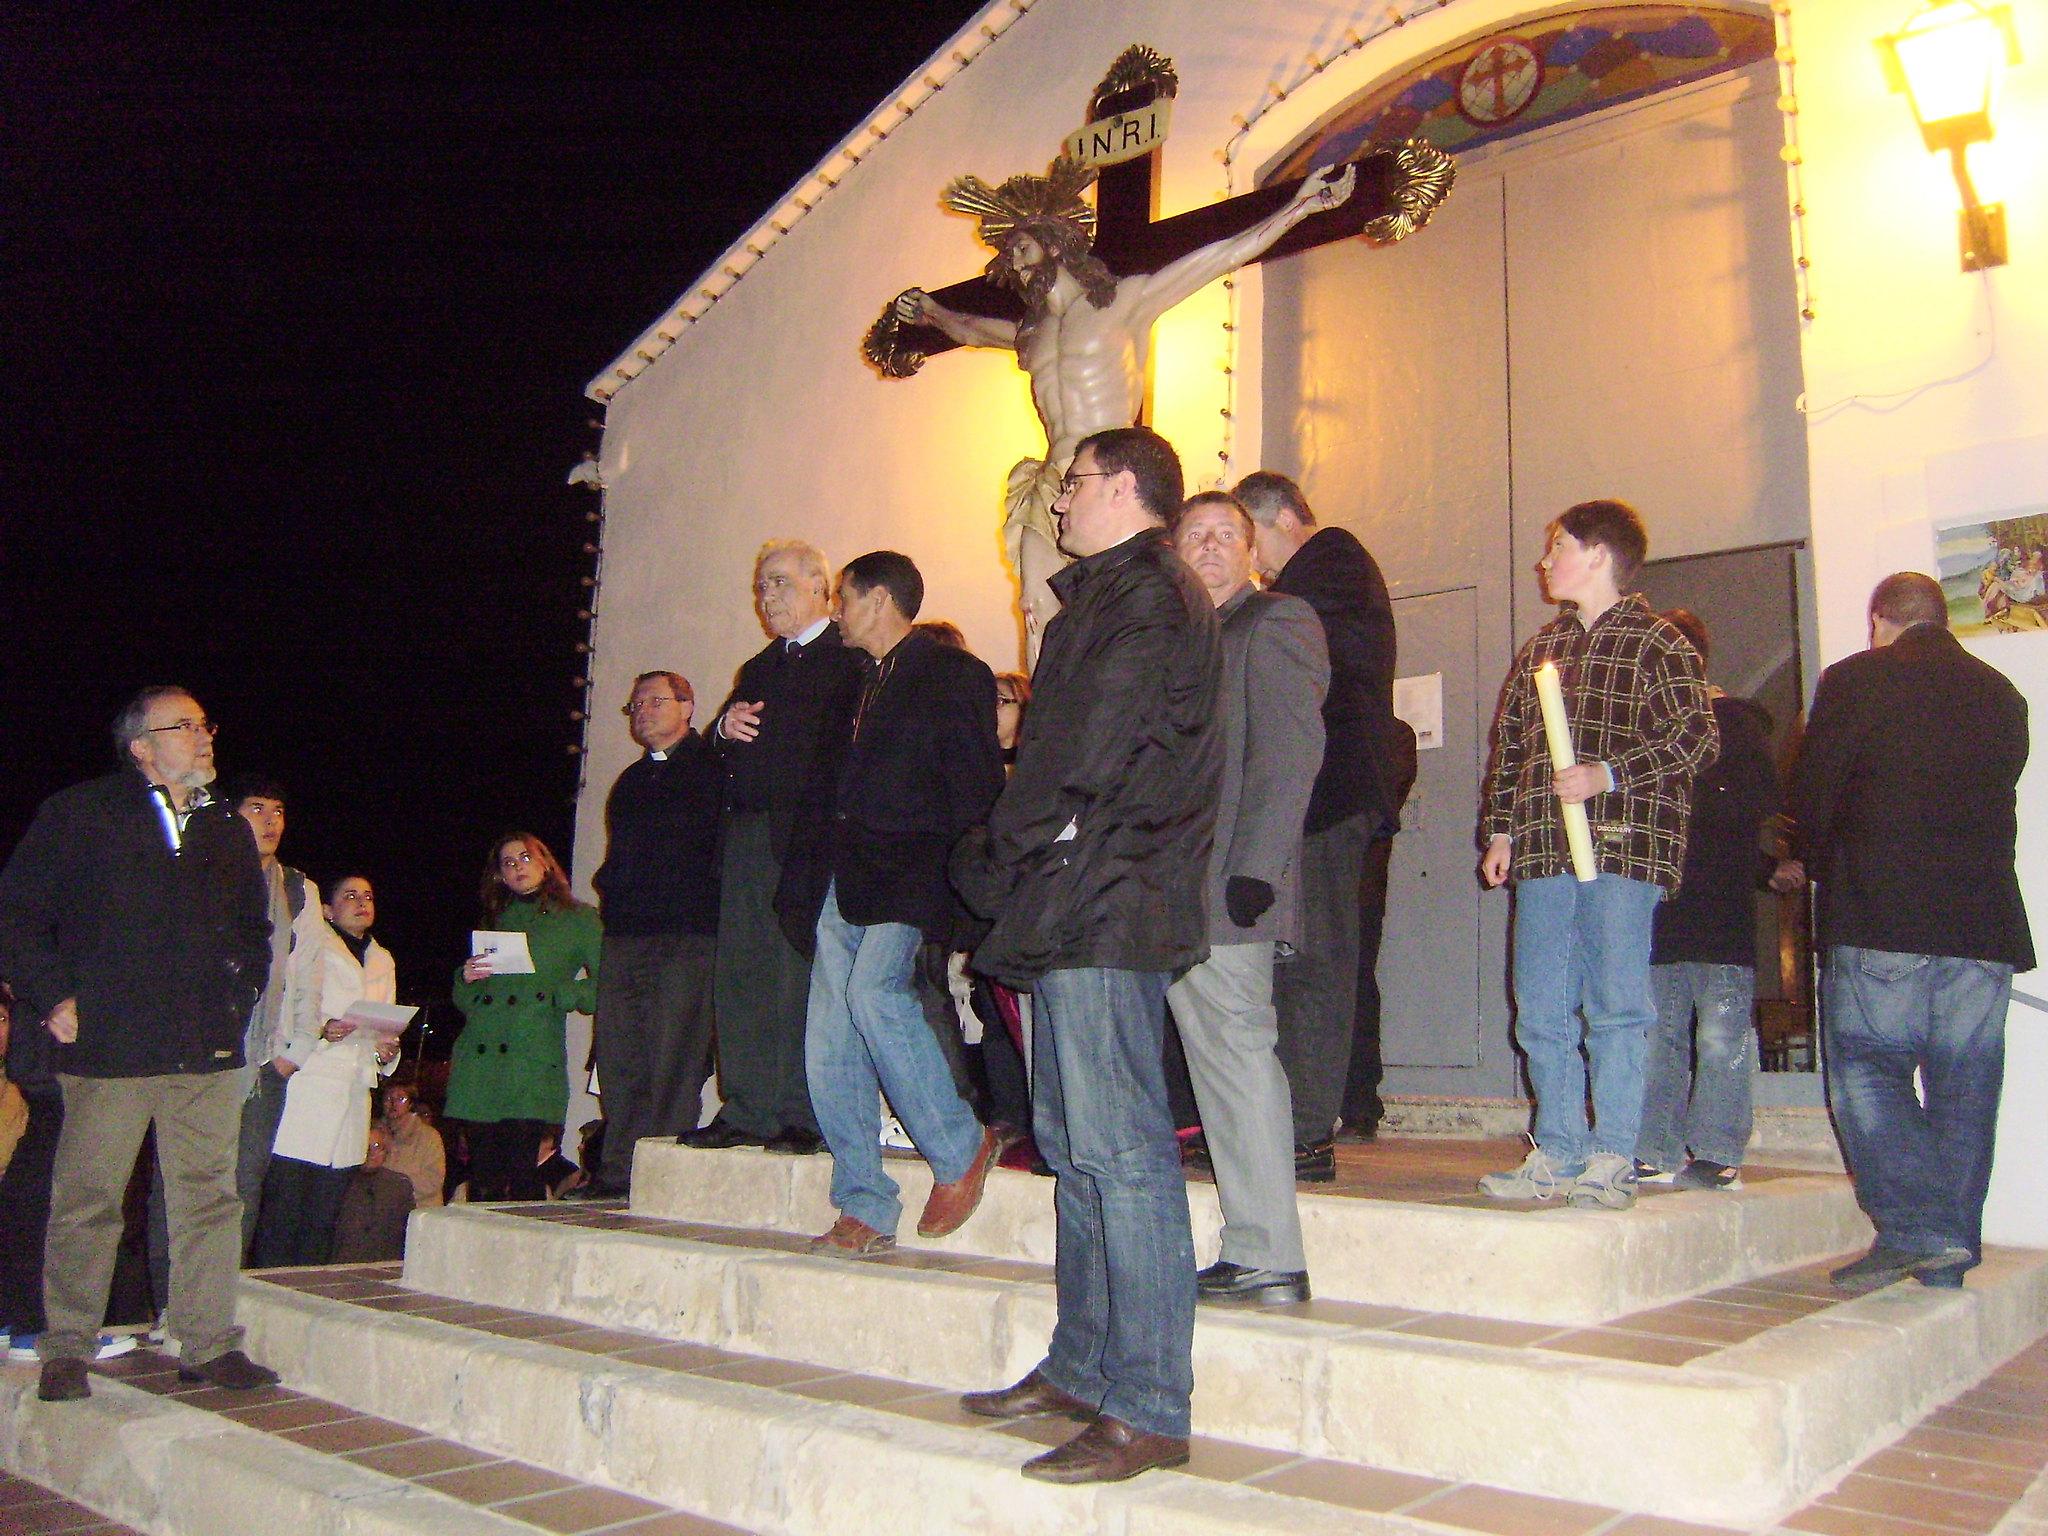 (2010-03-26) - I Vía Crucis nocturno - Javier Romero Ripoll - (02)